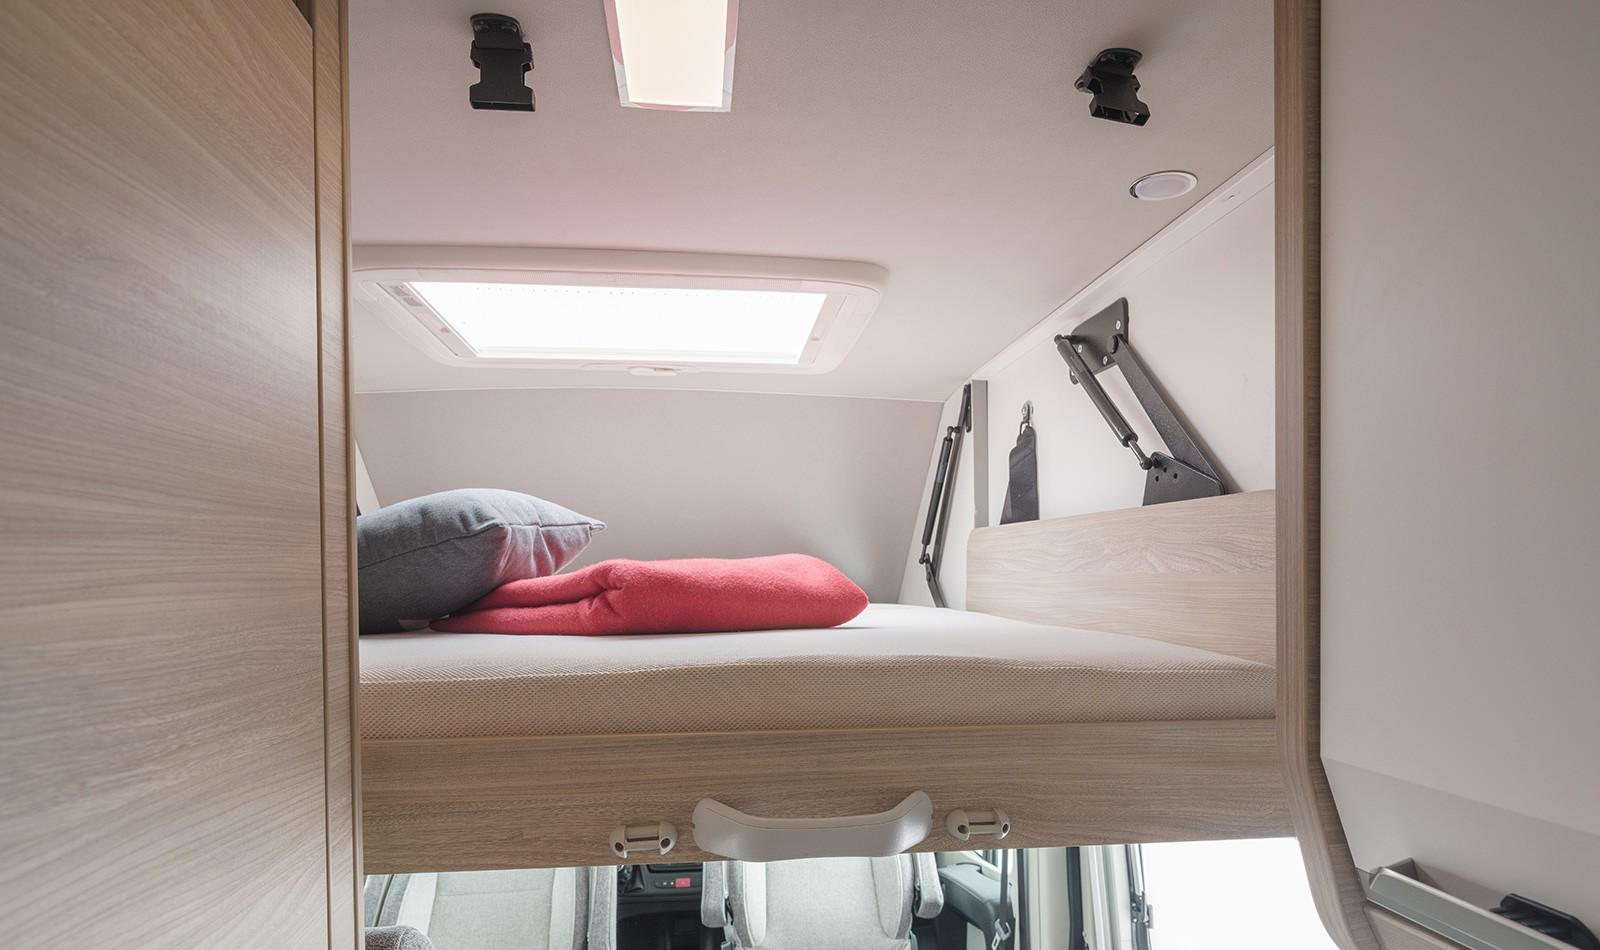 Interieur | Der Kastenwagen BOXSTAR 600 von innen